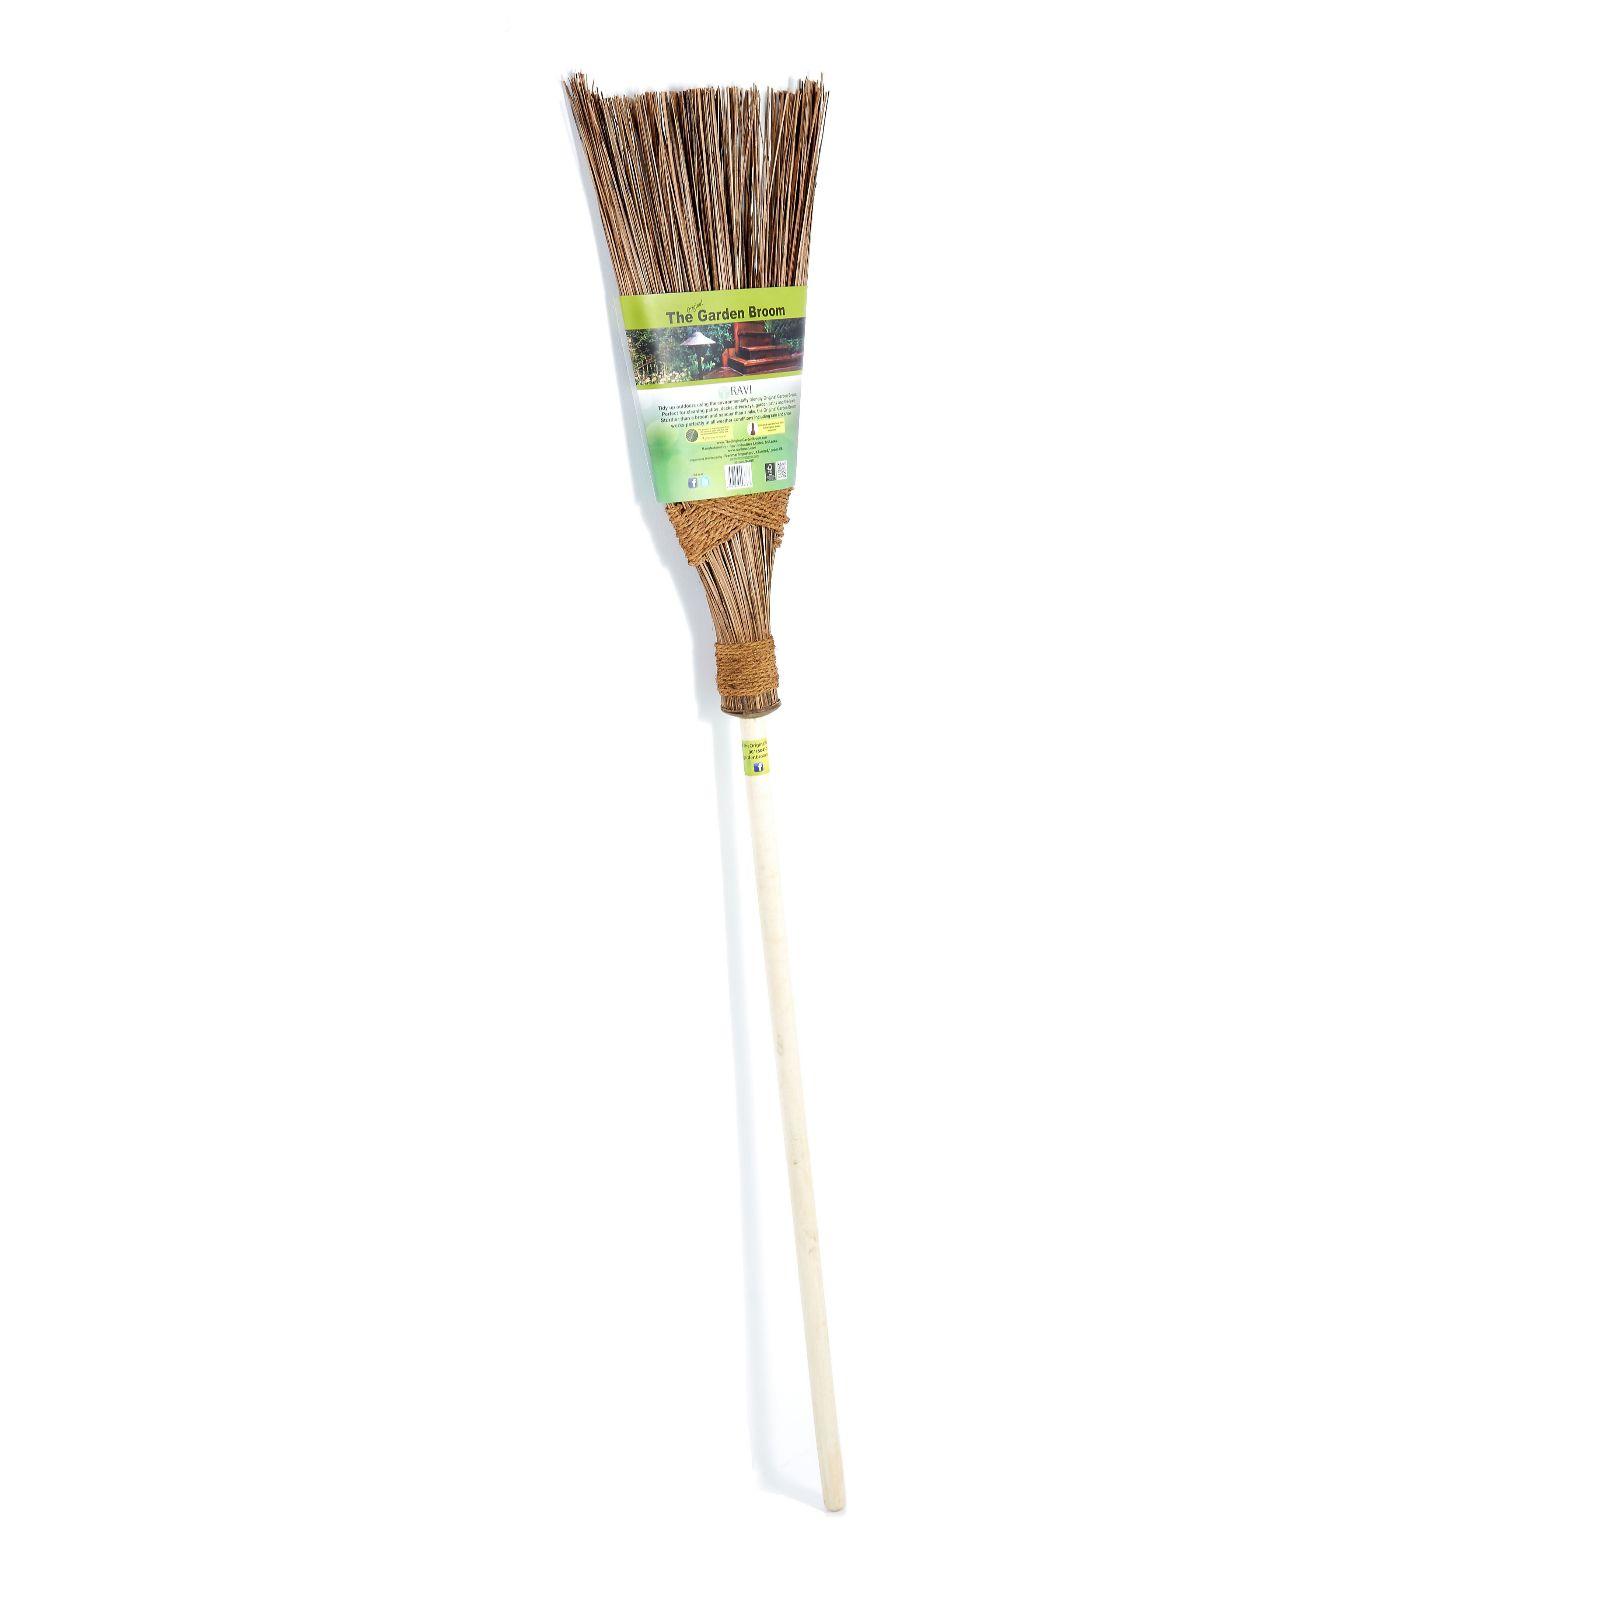 The Original Garden Broom - QVC UK